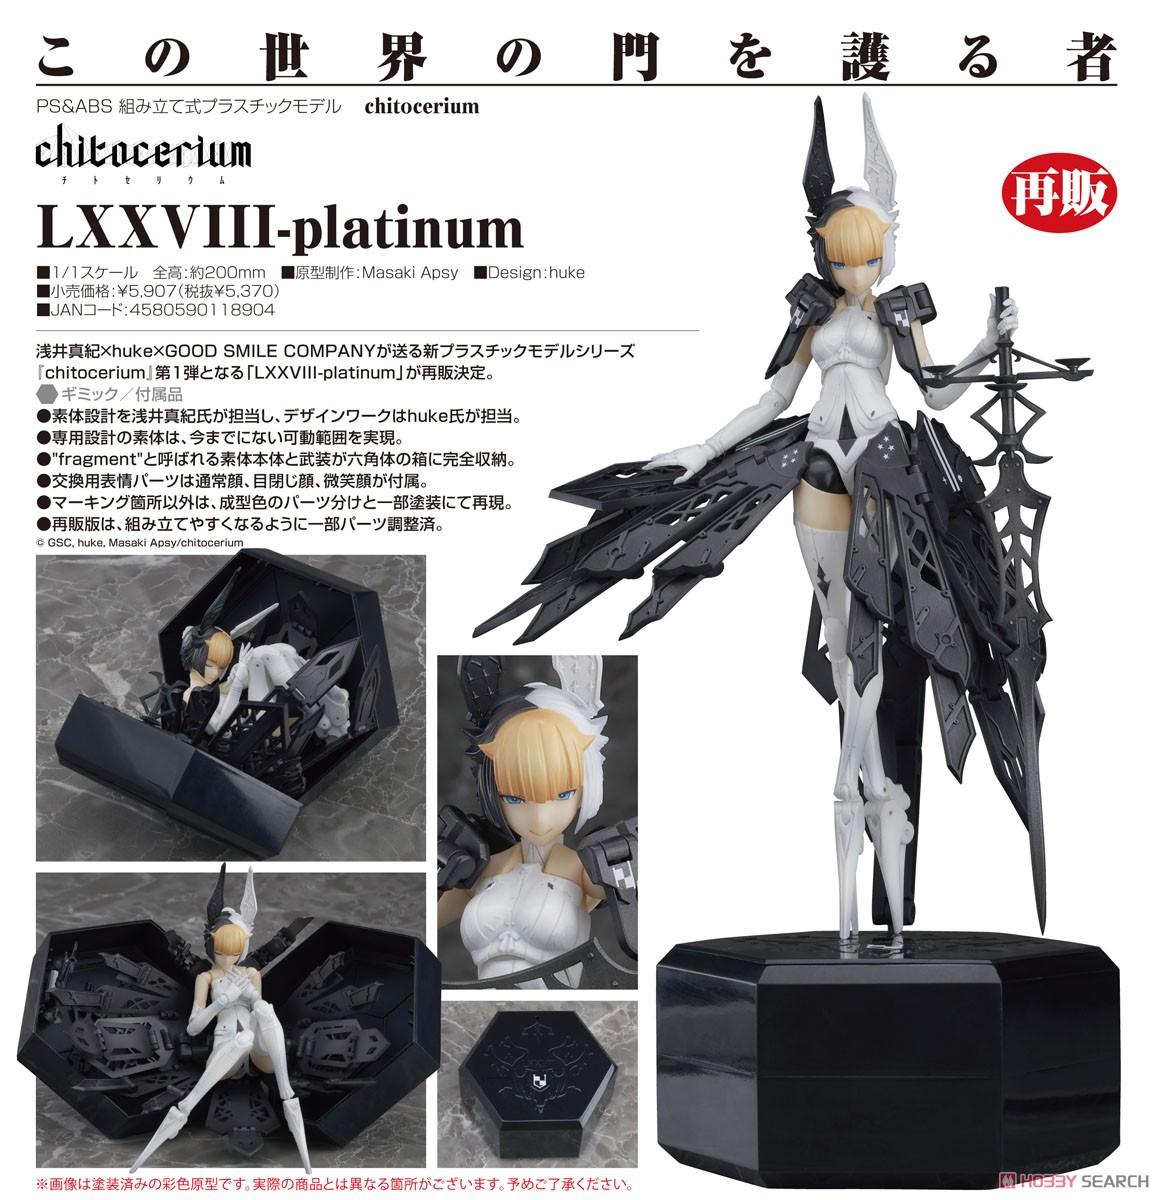 【再販】chitocerium『LXXVIII-platinum/プラチナム』チトセリウム 1/1 プラモデル-012